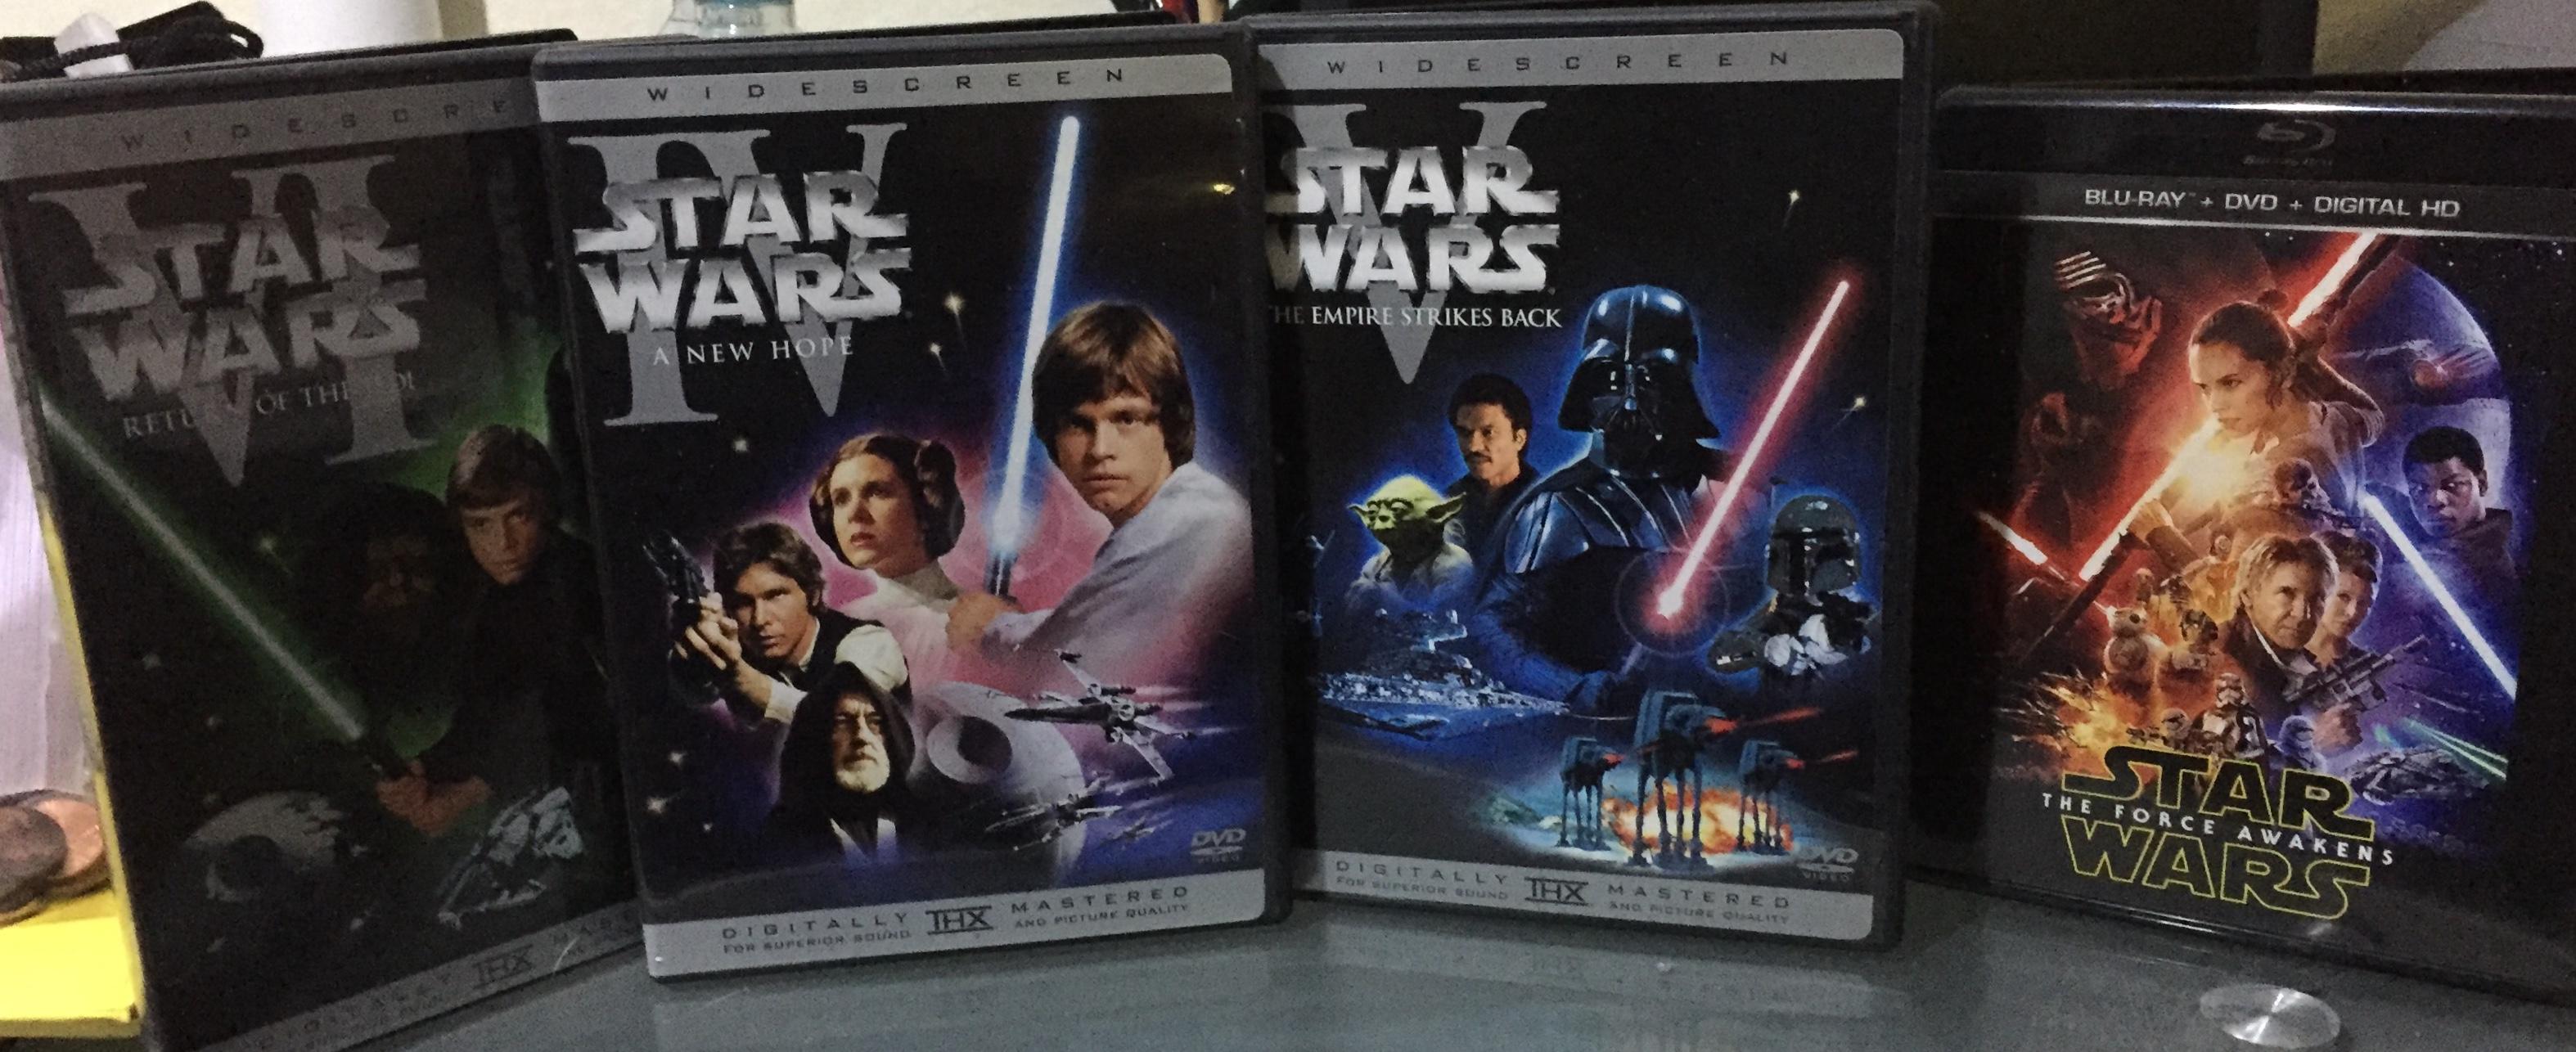 Mis Top 5 en pelìculas de Star Wars (La Guerra de las Galaxias) de episodios 4-8